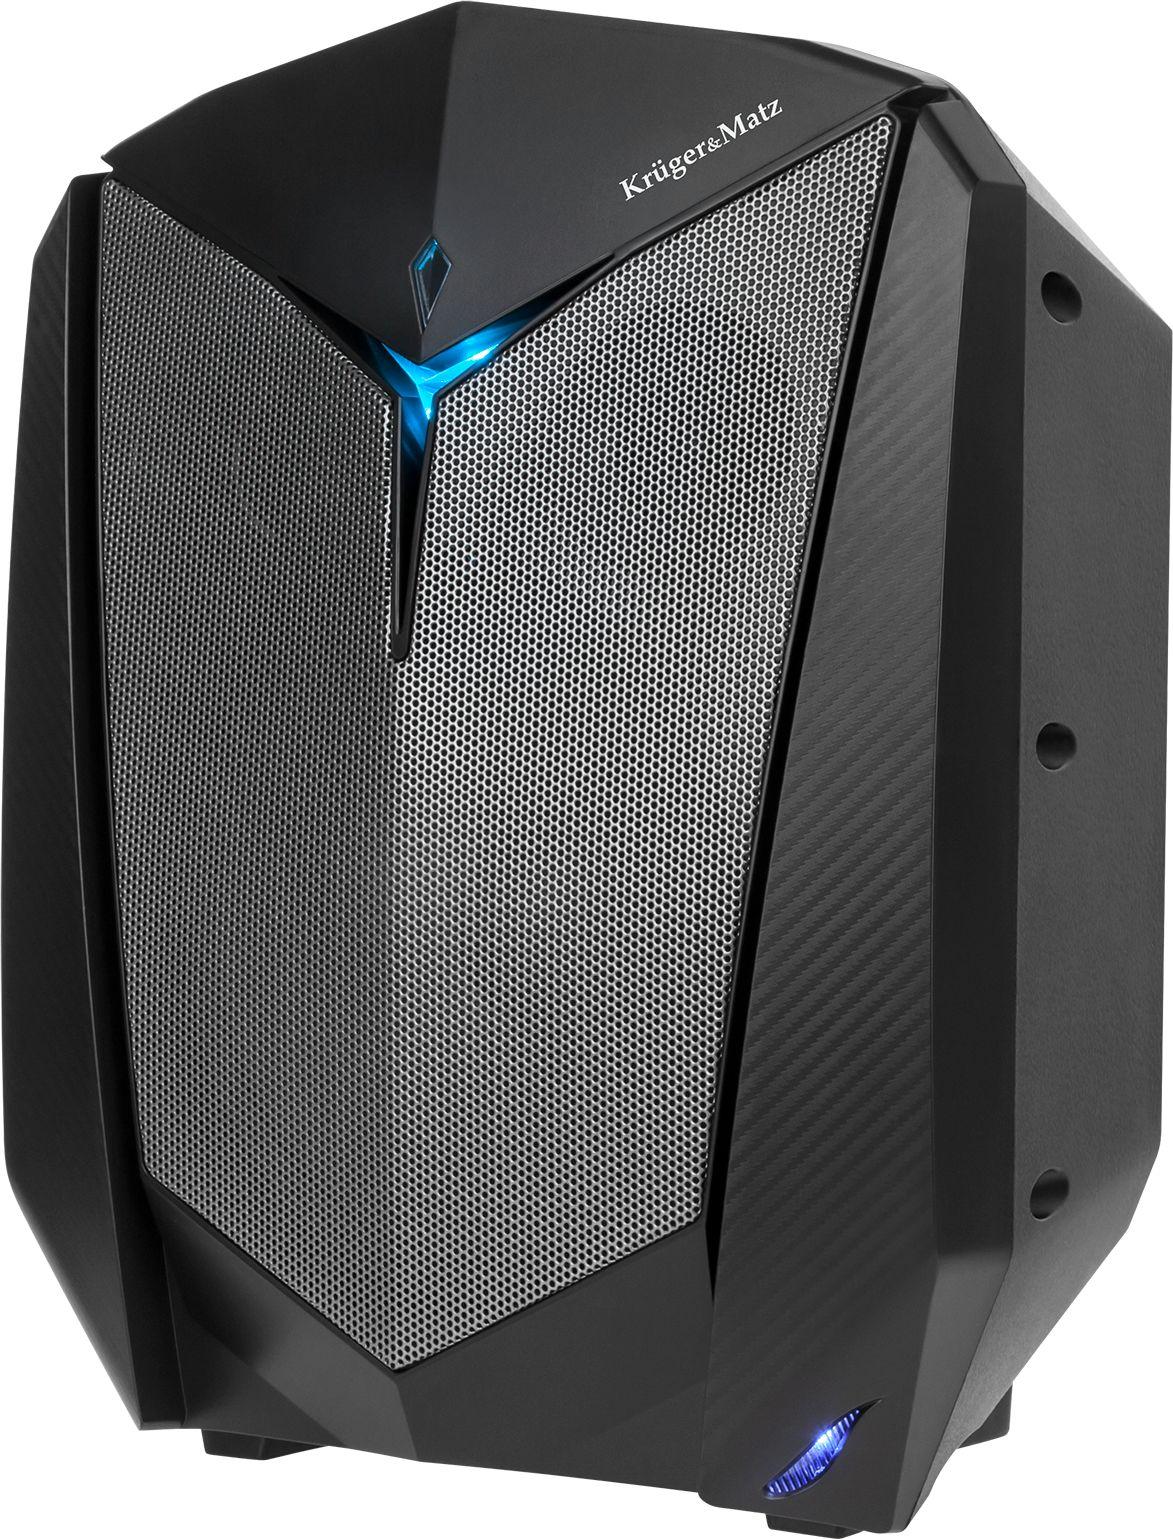 Przenośny głośnik Bluetooth Kruger&Matz Shield